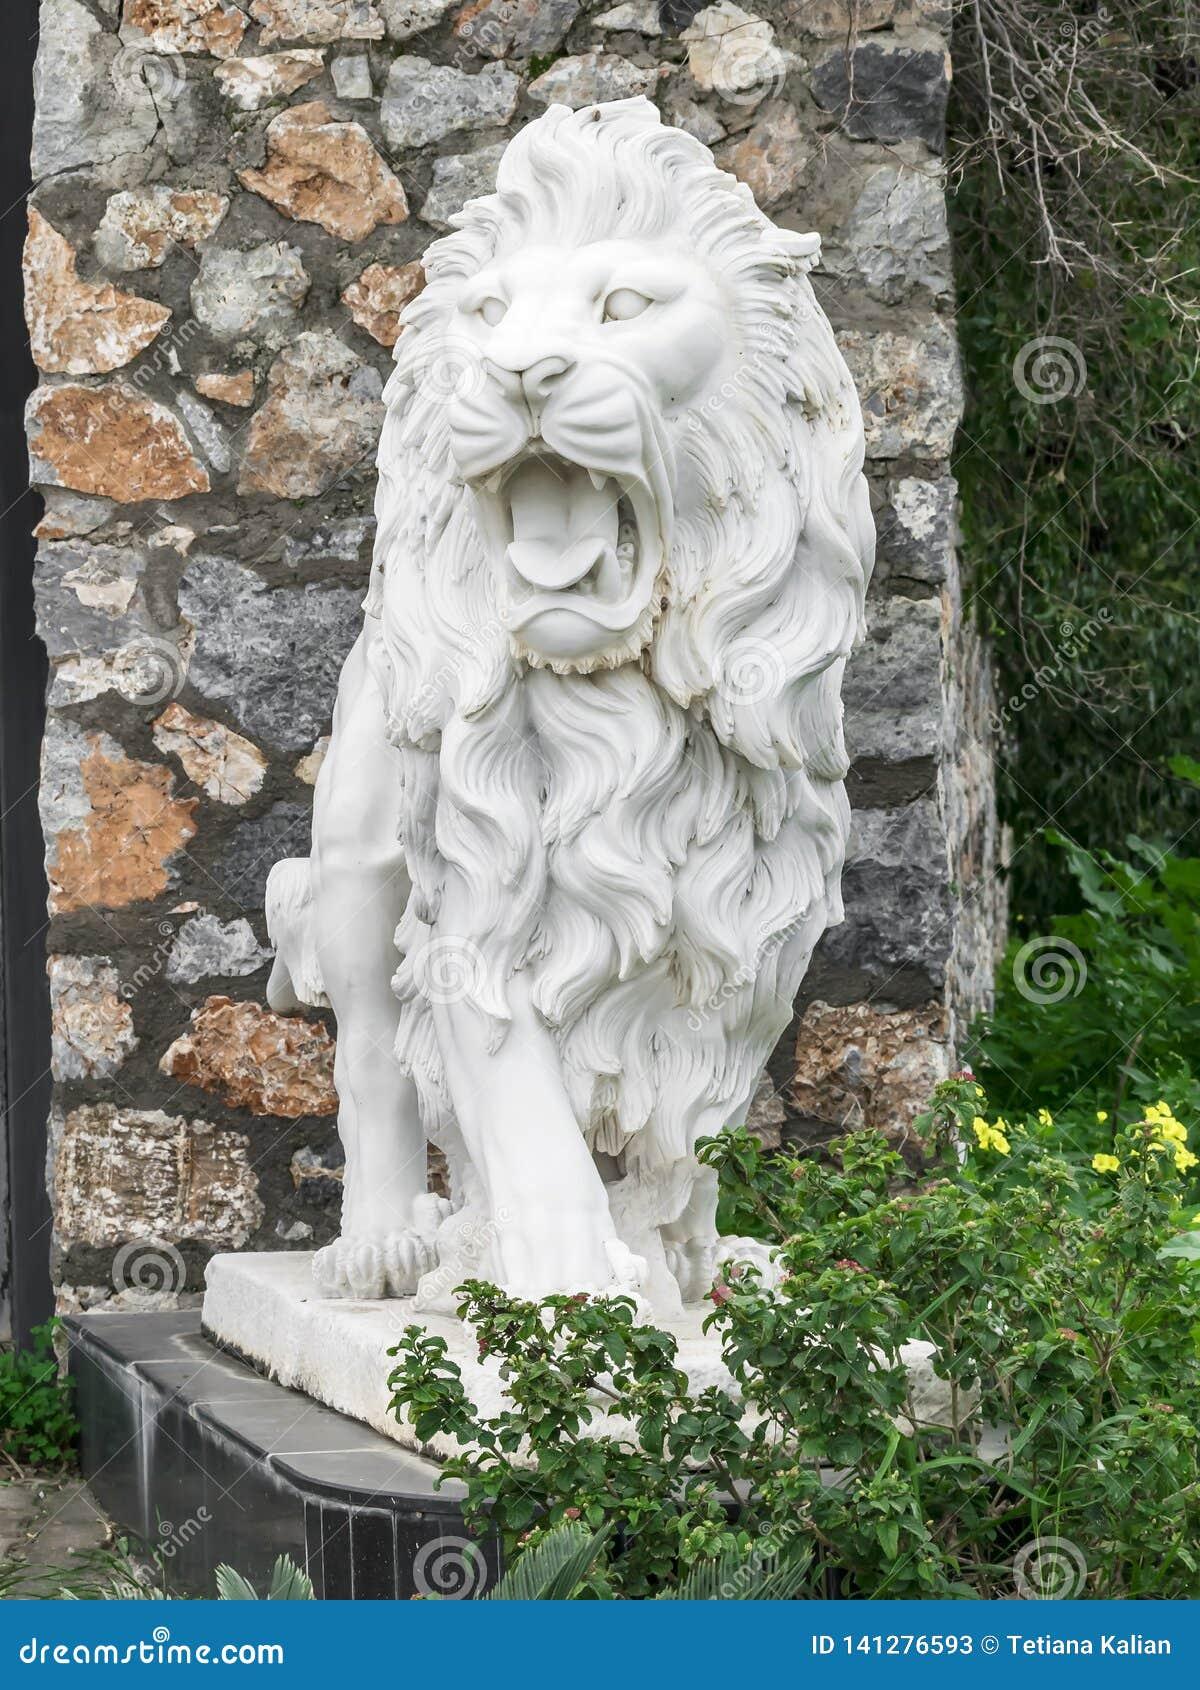 Sculpture en ville d un lion blanc avec la bouche ouverte à l entrée Point de repère local Front View